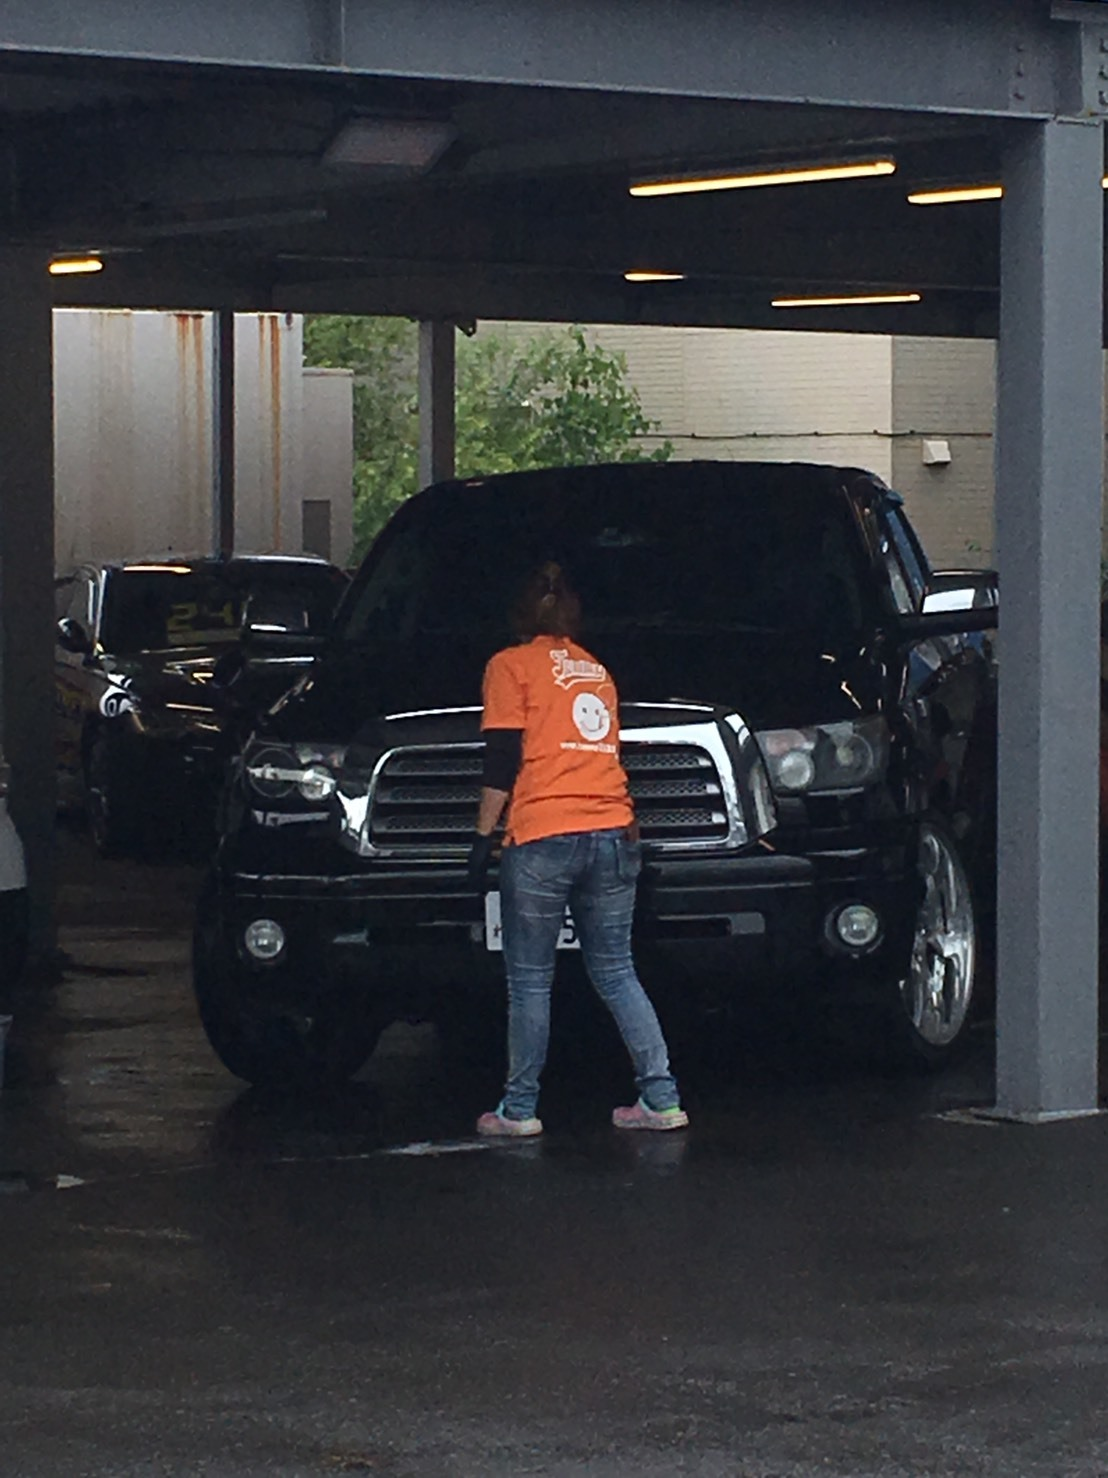 8月28日(水)本店ブログ♪GMC ユーコンXL デナリ 4WDが入庫しました♪ ランクル ハマー アルファード_b0127002_18284032.jpg